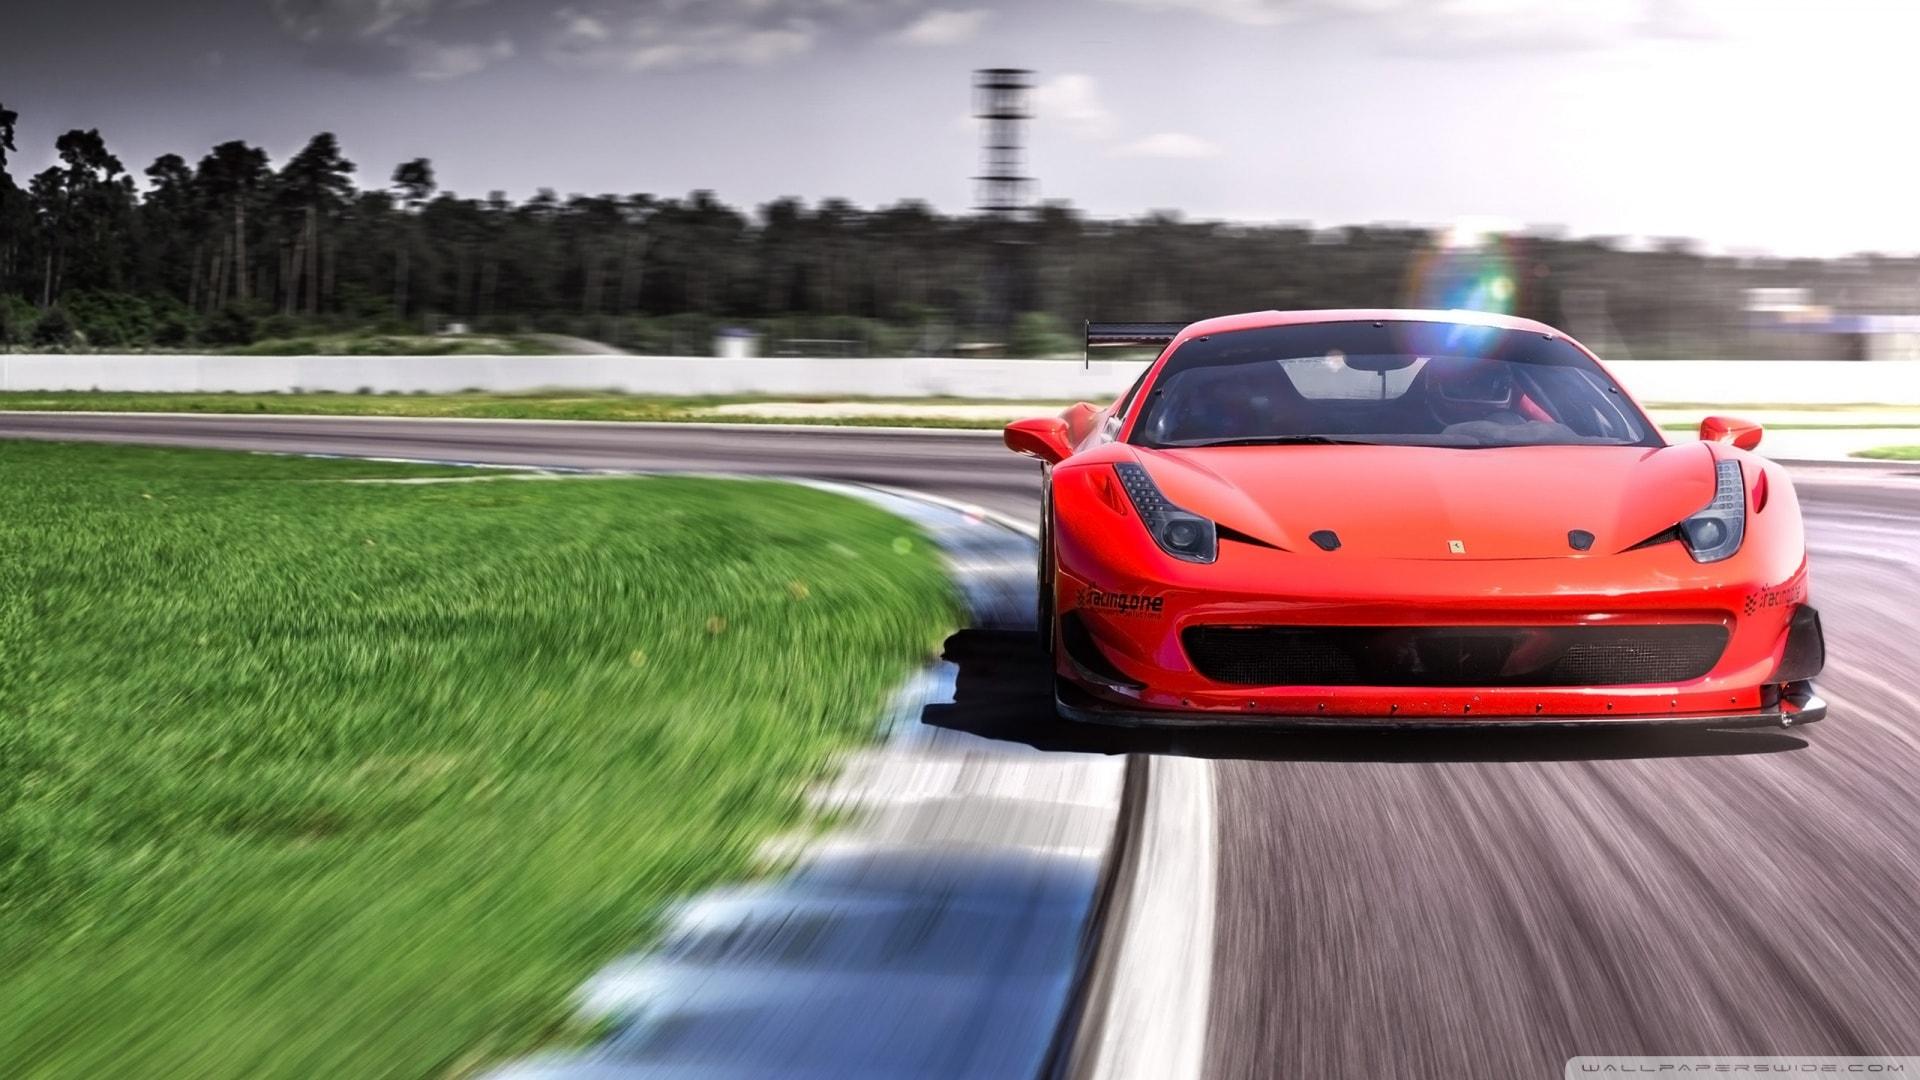 عکس ماشین، گالری عکس ماشین- تصاویر خودروهای داخلی و خارجی